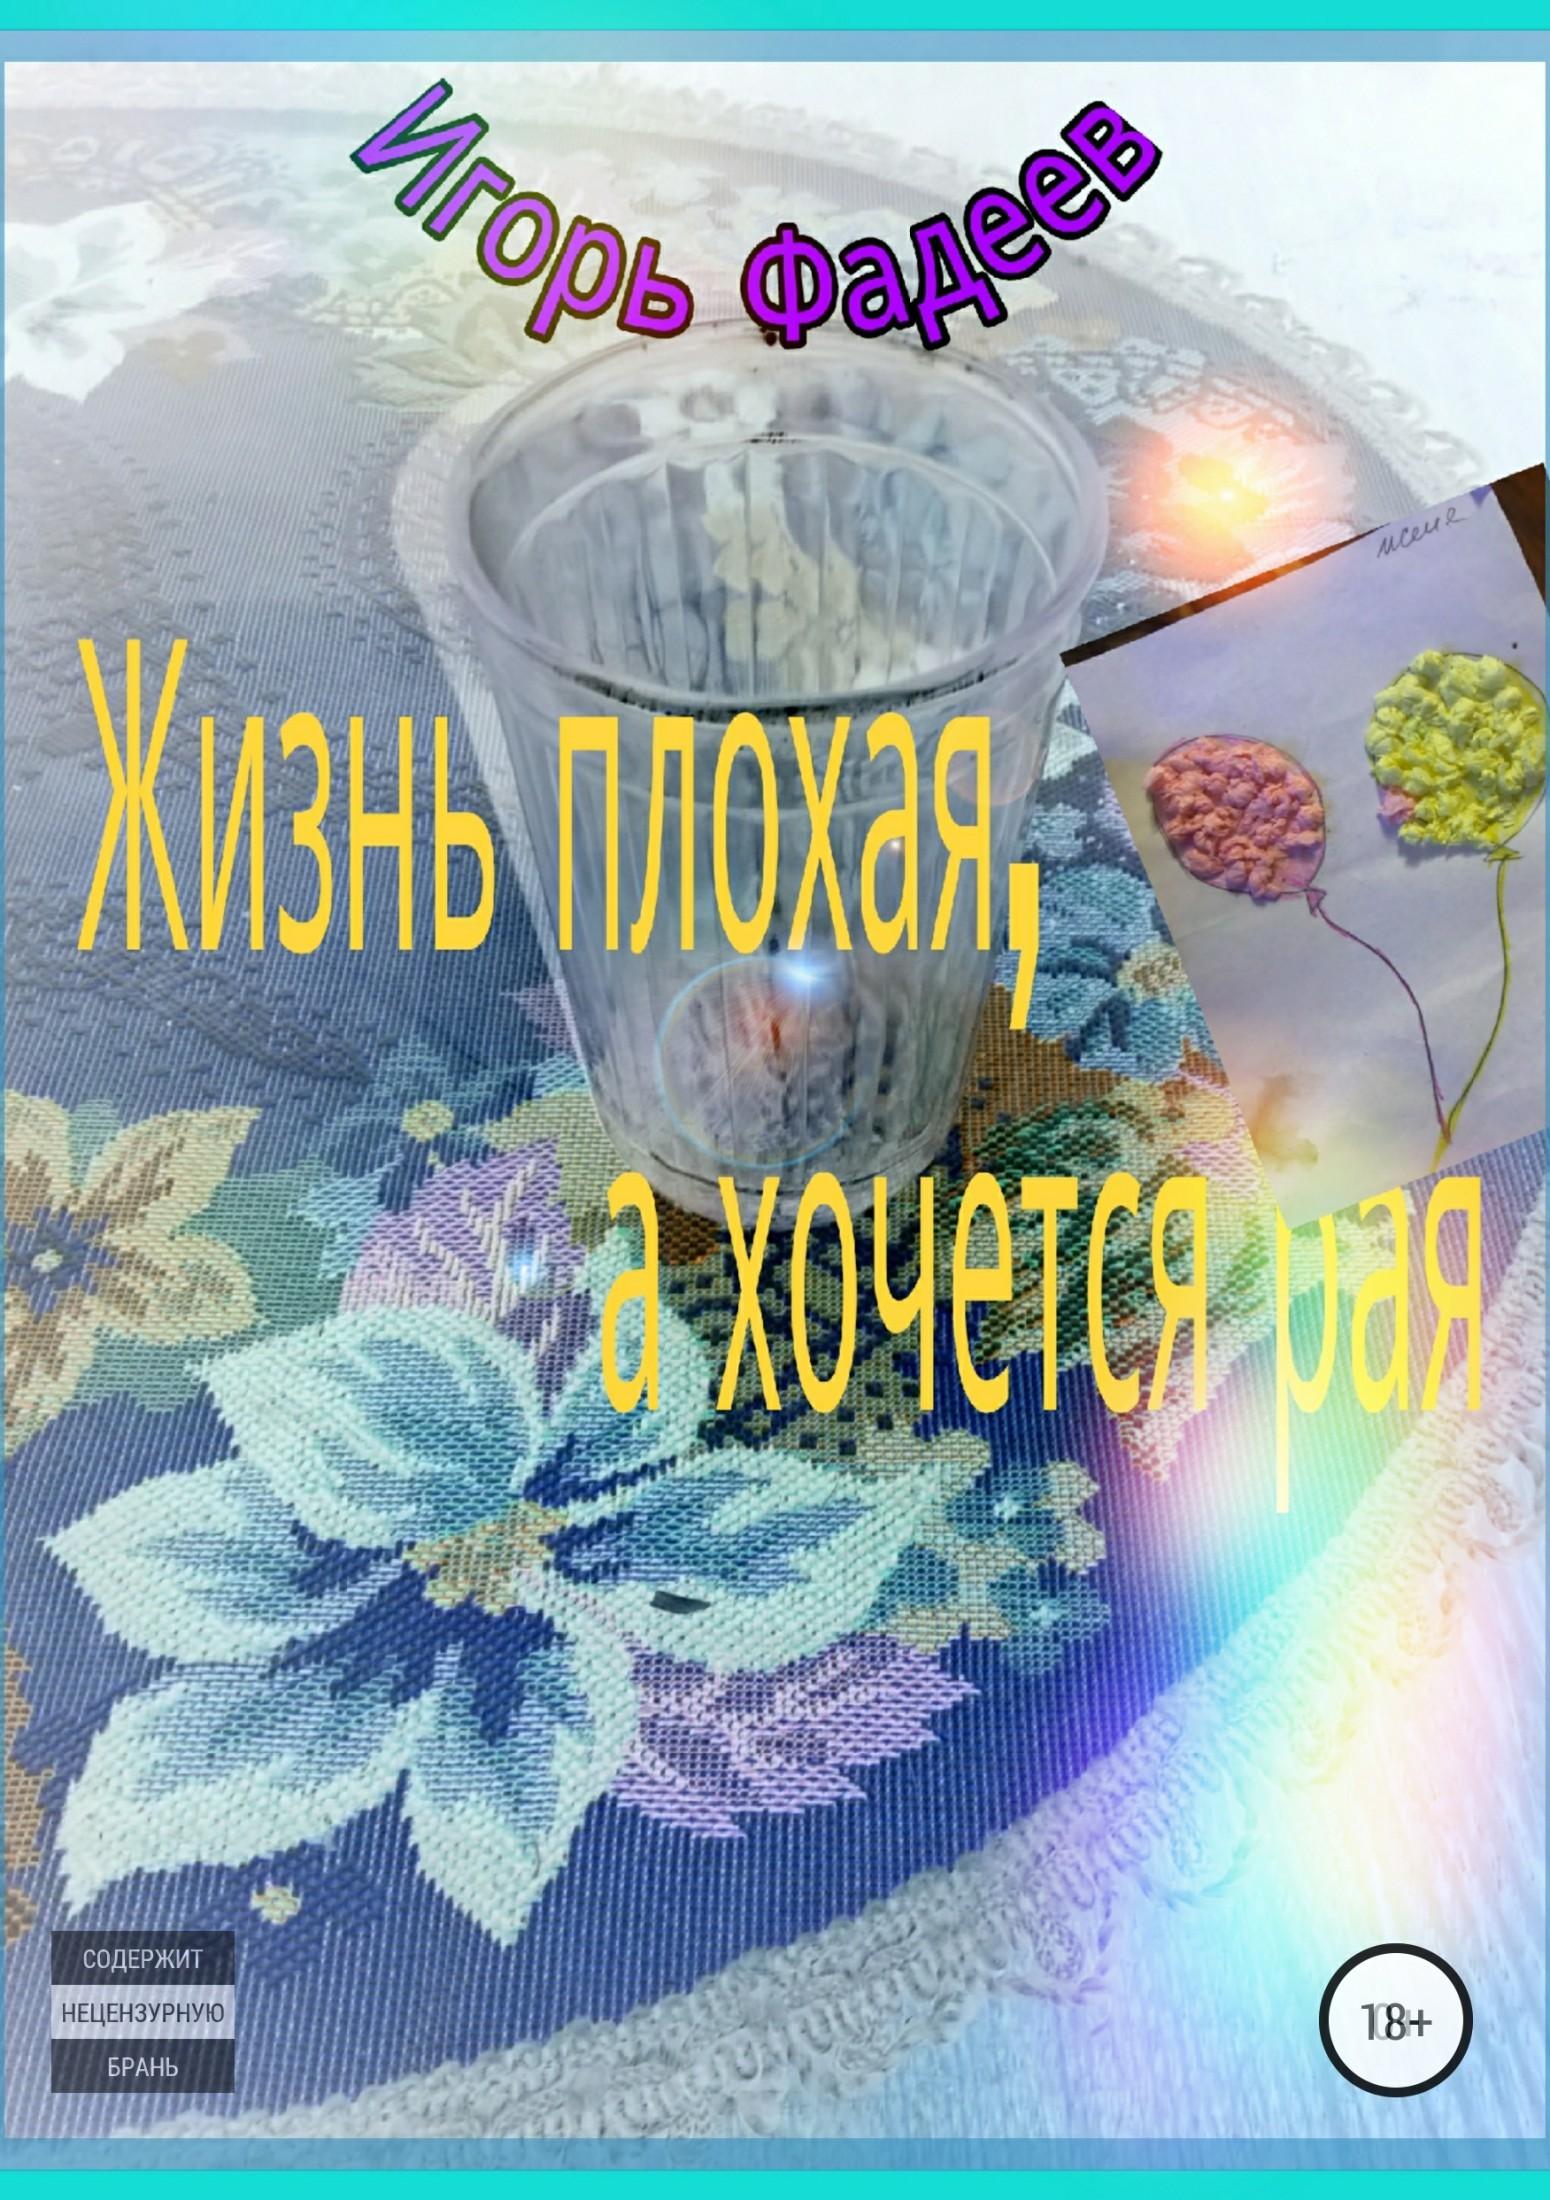 Игорь Алексеевич Фадеев Жизнь плохая, а хочется рая игорь алексеевич фадеев потеряшки page 9